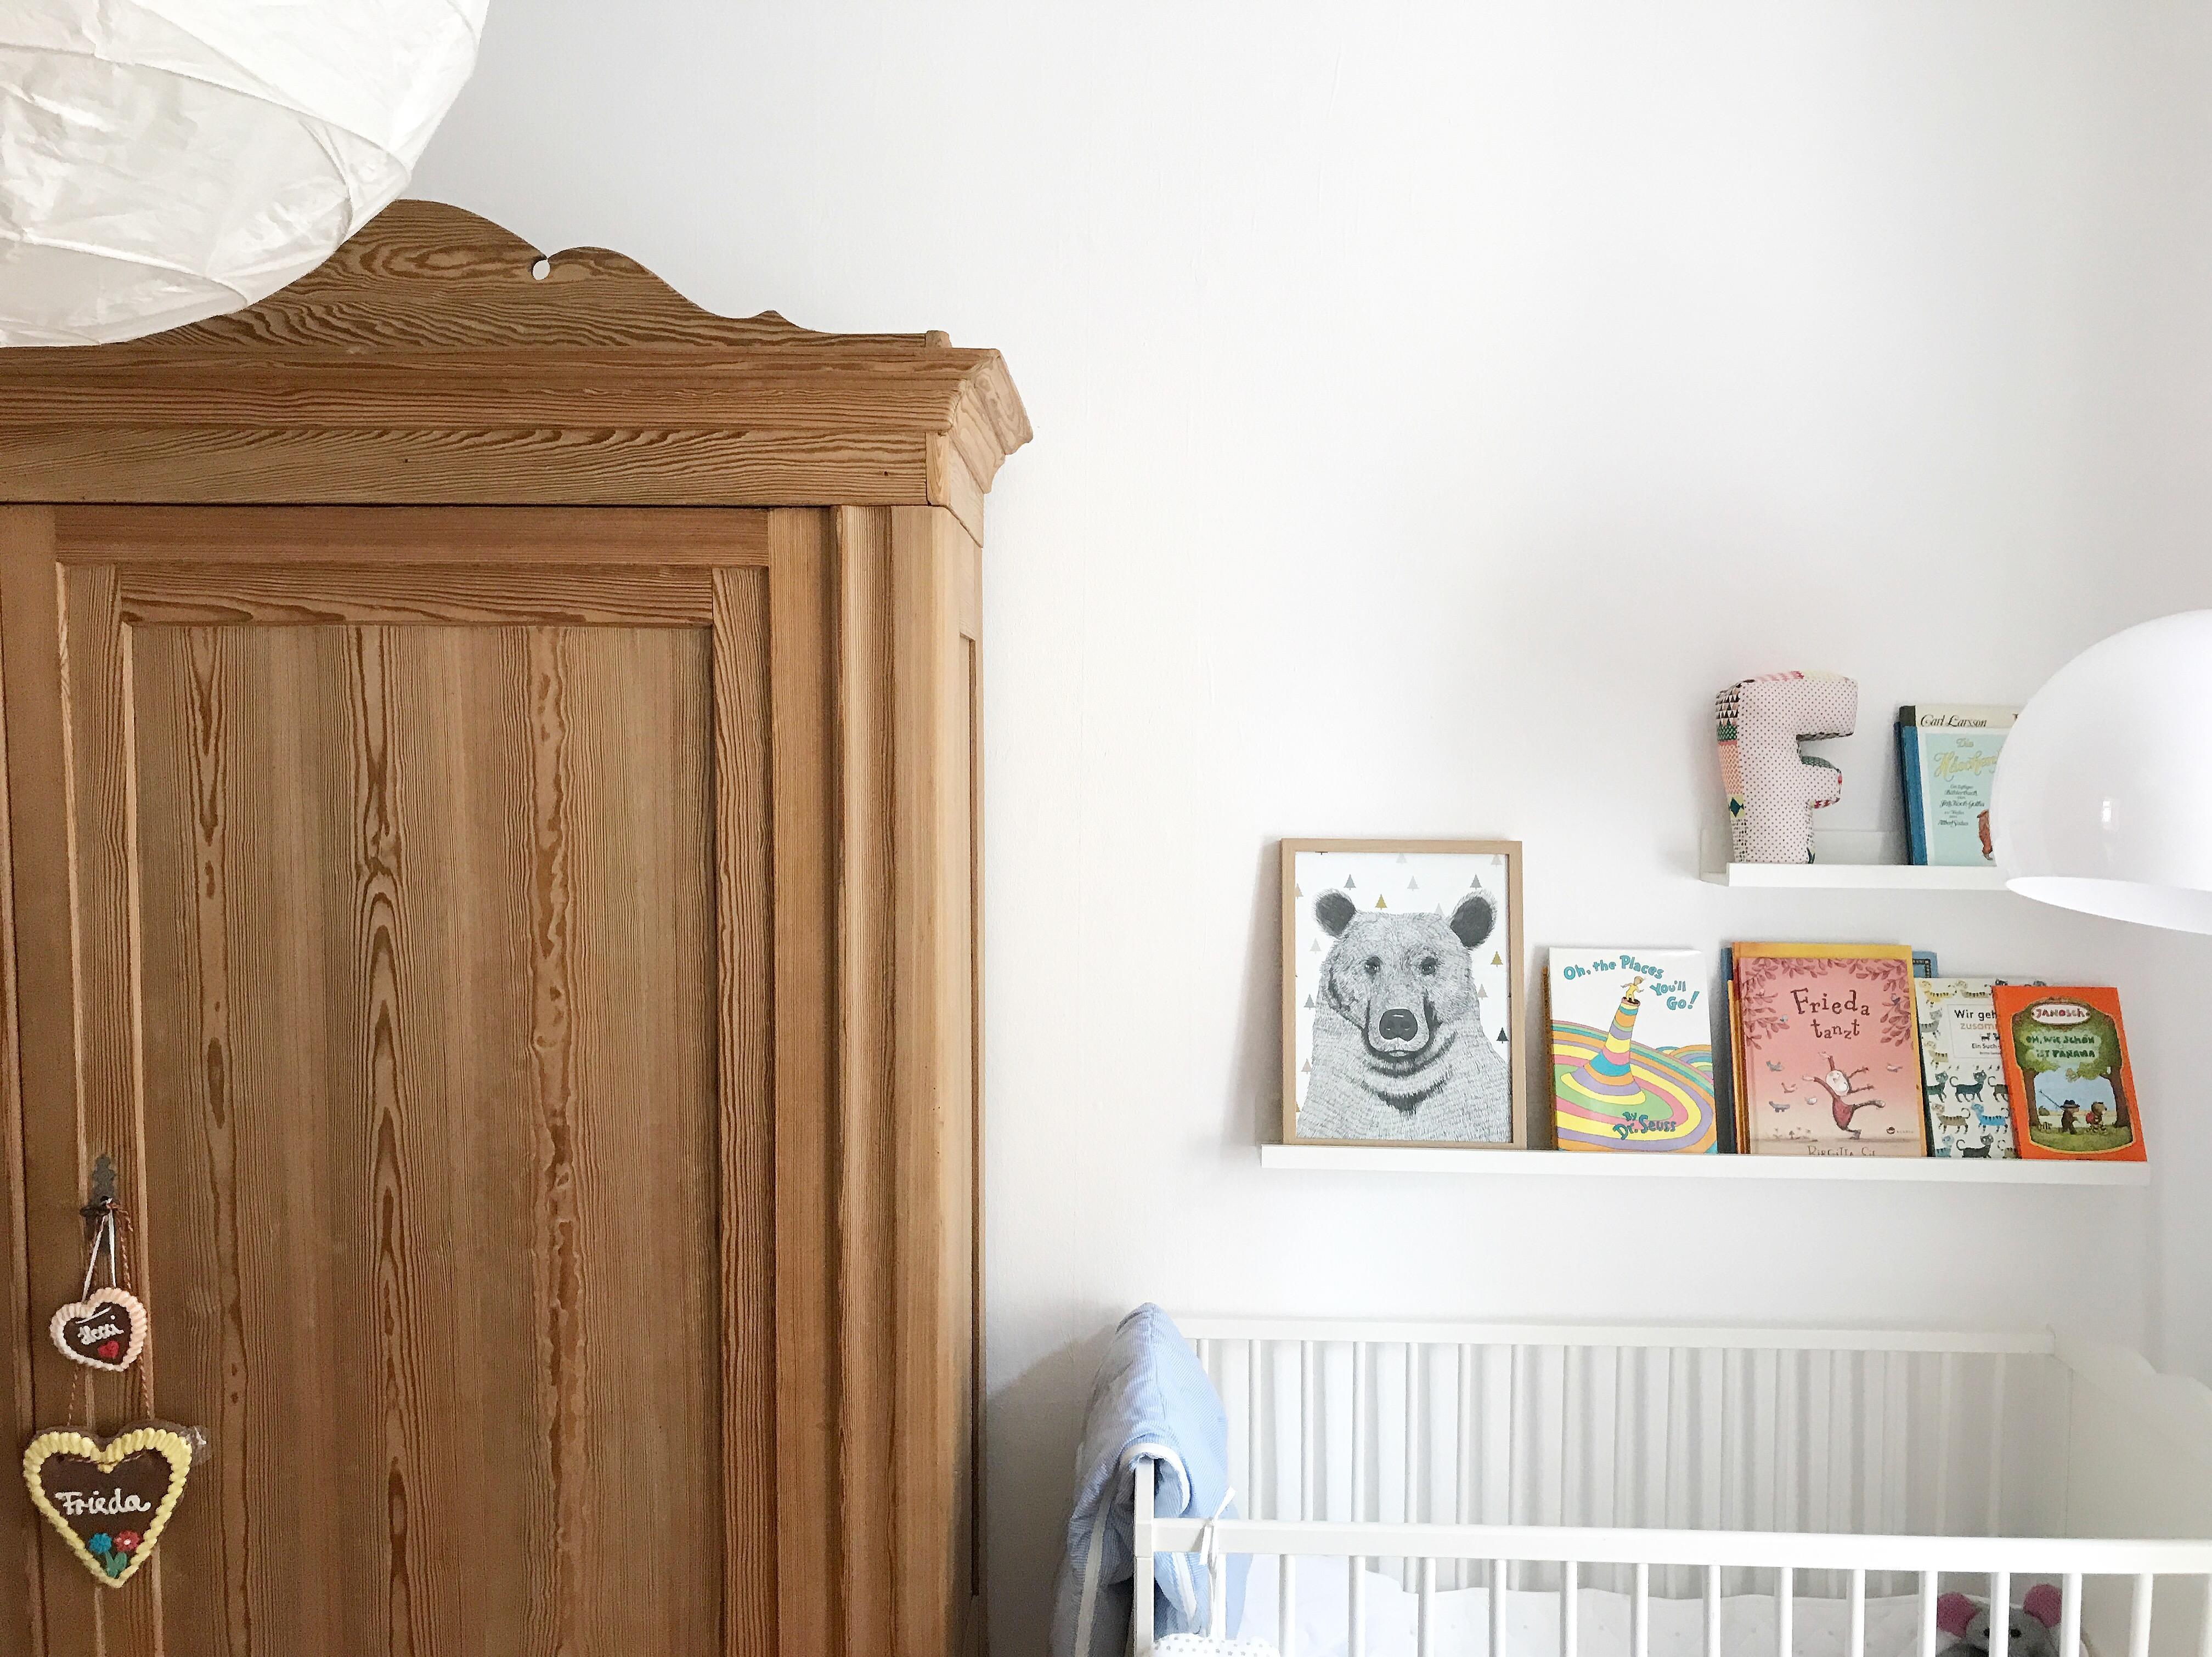 kinderzimmer bilder ideen couchstyle. Black Bedroom Furniture Sets. Home Design Ideas